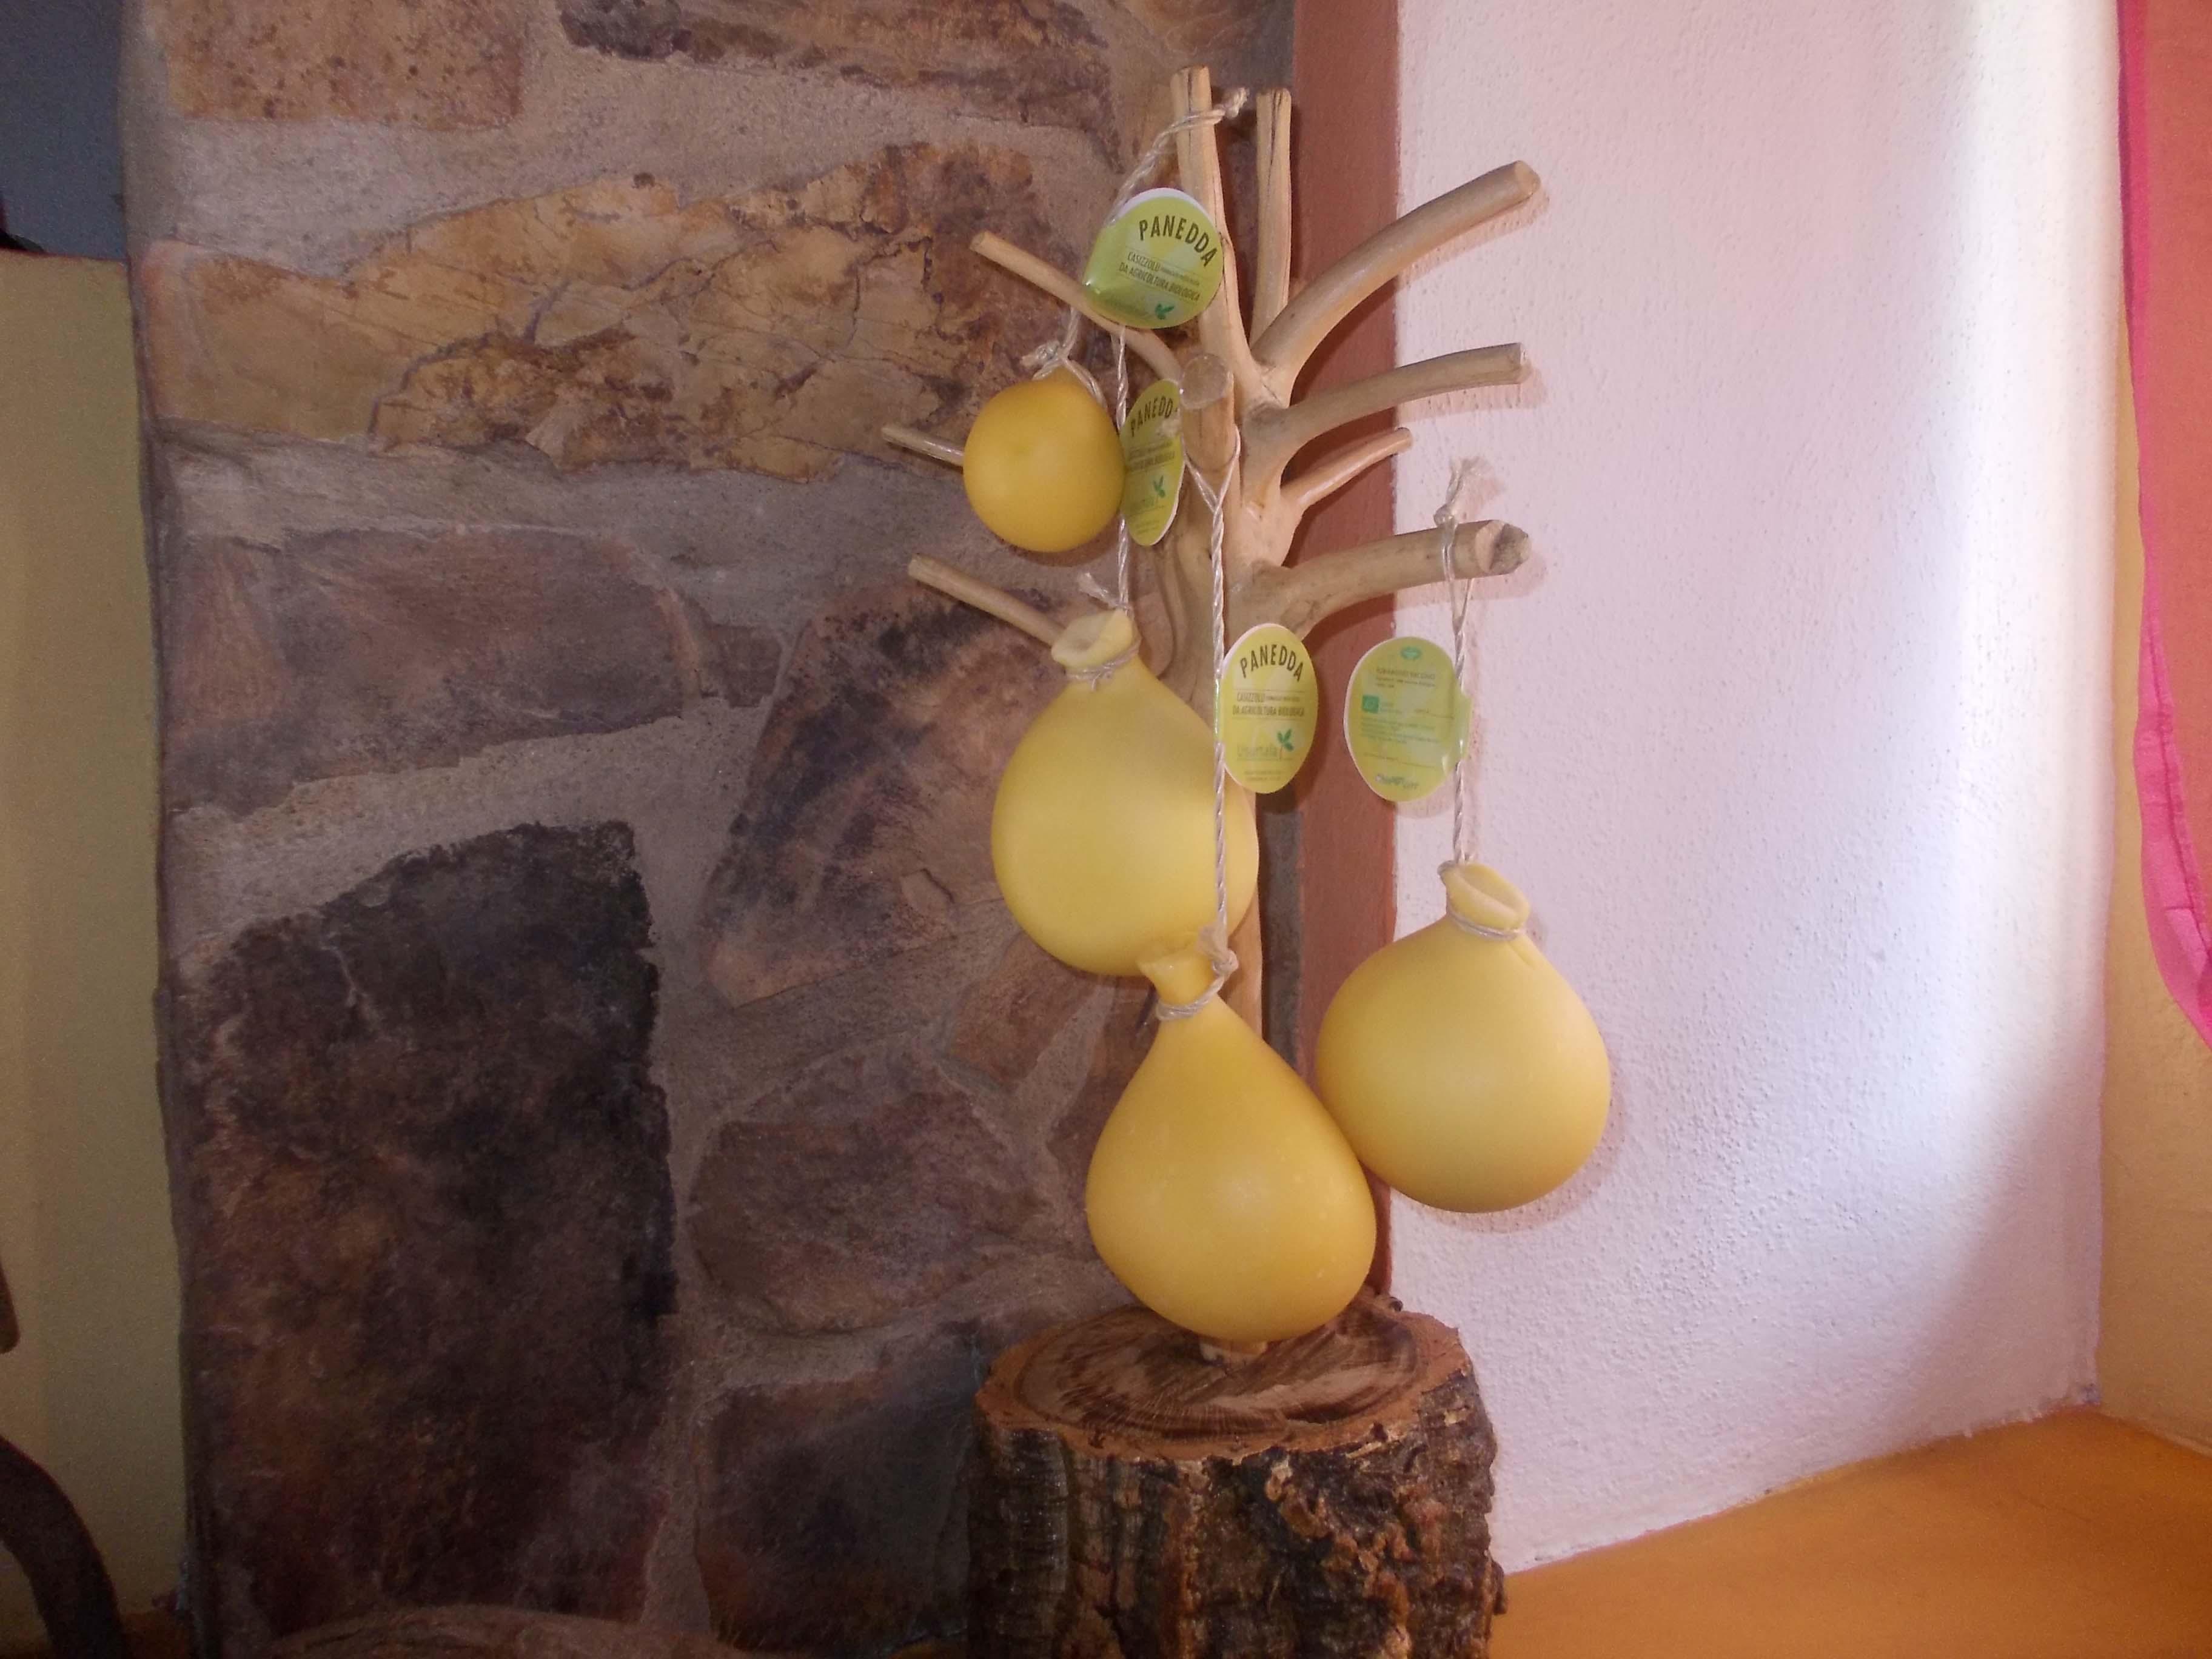 Orani struttura ricettiva Agriturismo Usurtala con possibilità di pernottamento e produzione formaggi tipici locali e vendita.